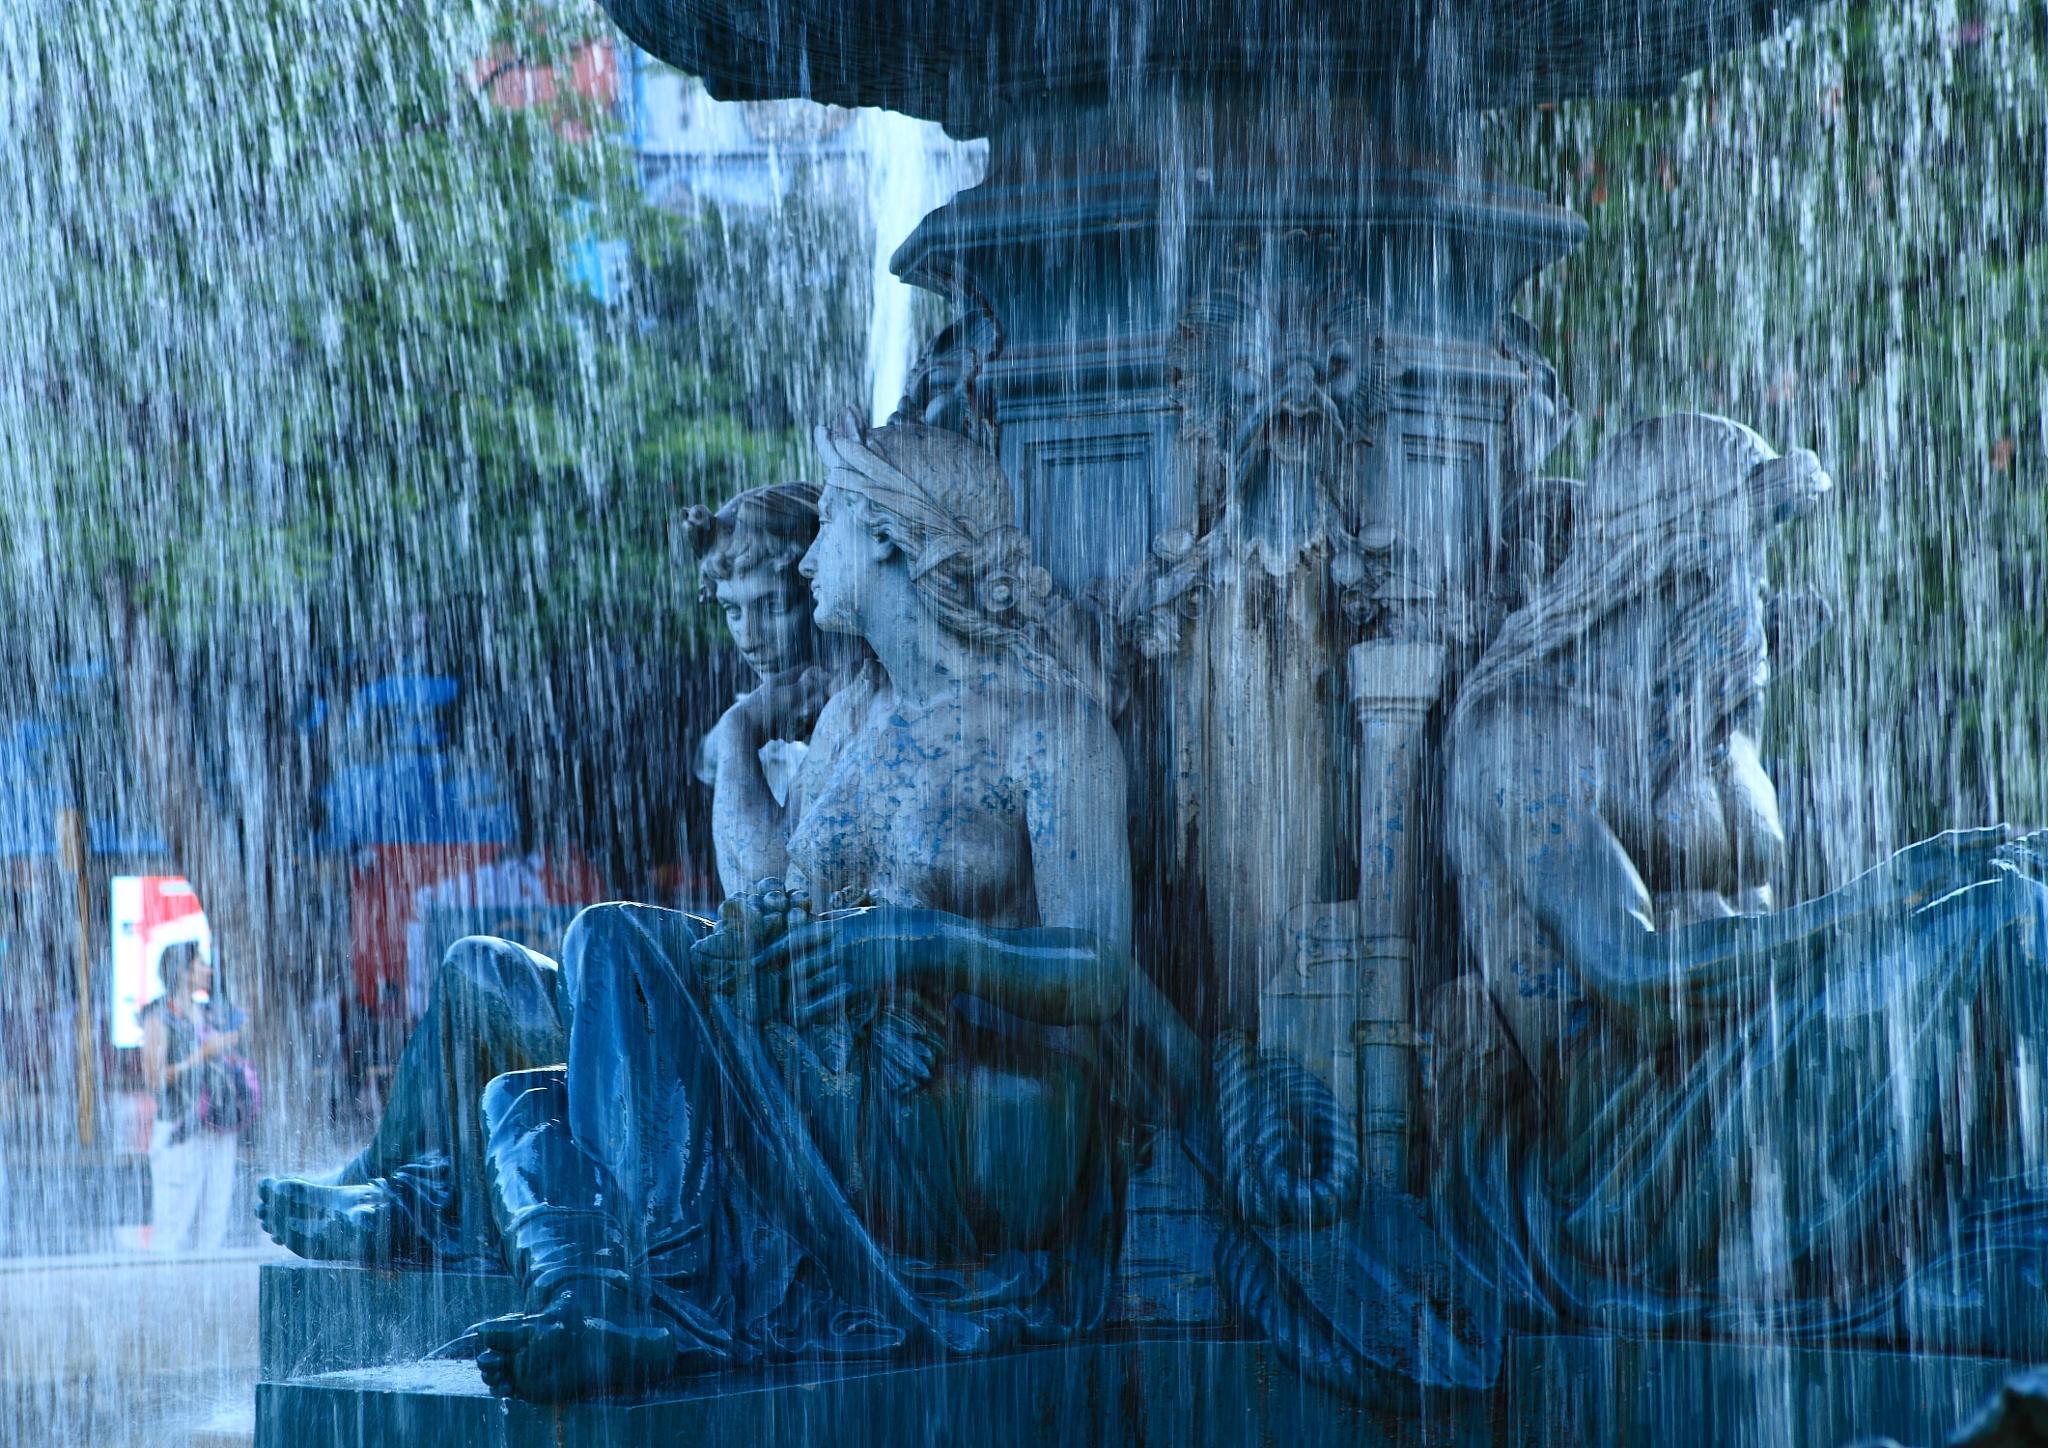 Water statue in Lisbon by Robert van Buuren